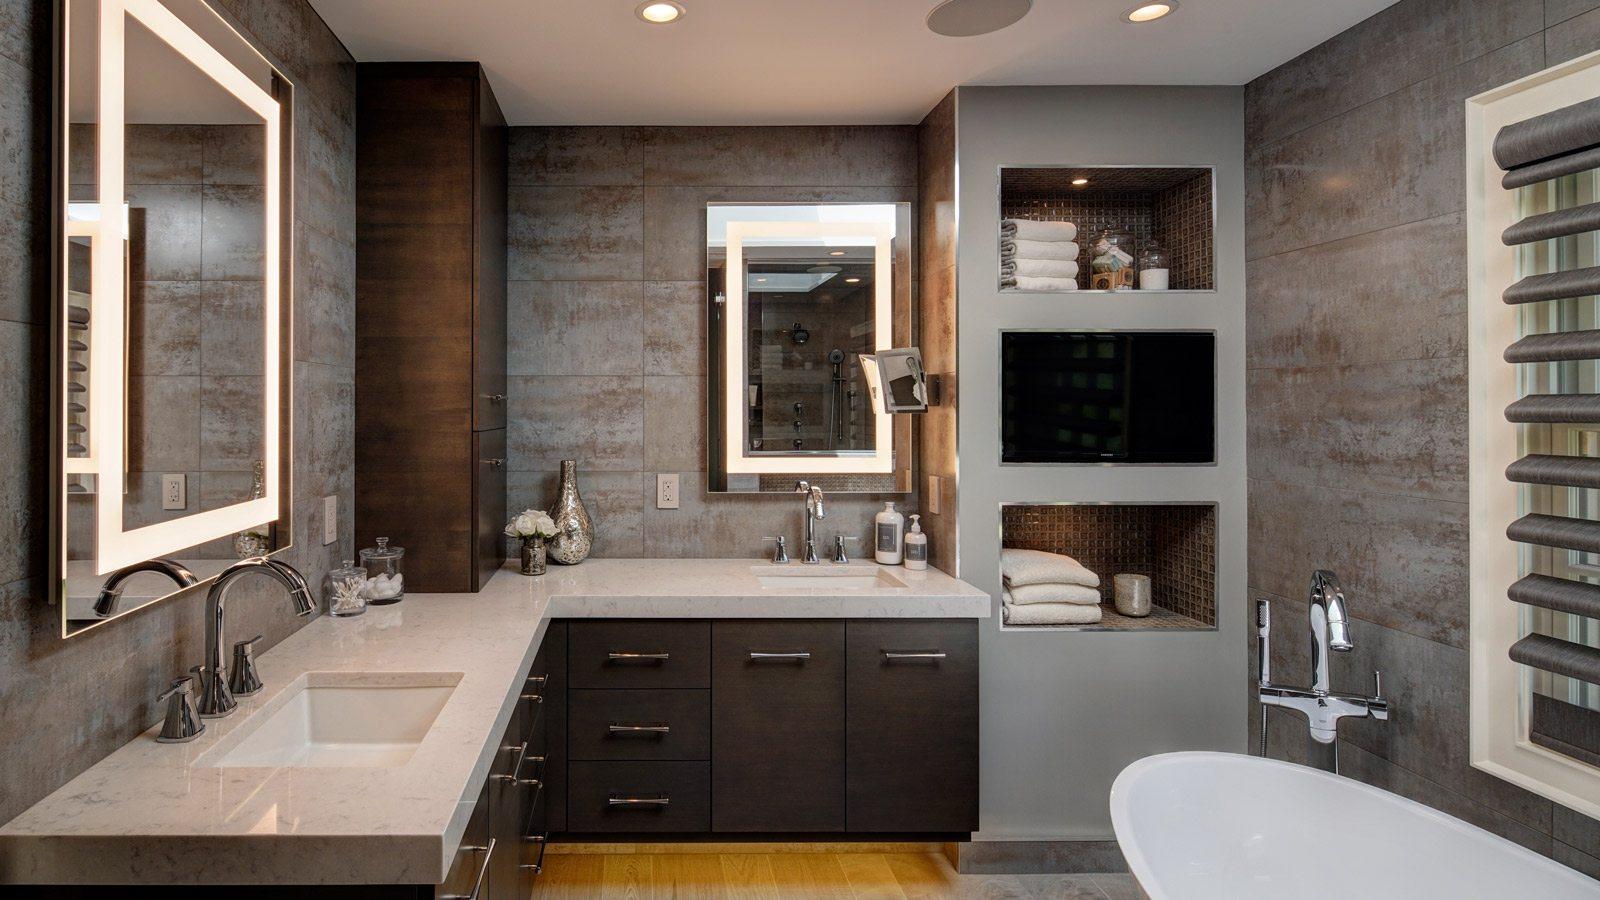 Dreamy Spa-Inspired Master Bath Remodel - Drury Design on Master Bathroom Remodel Ideas  id=45862